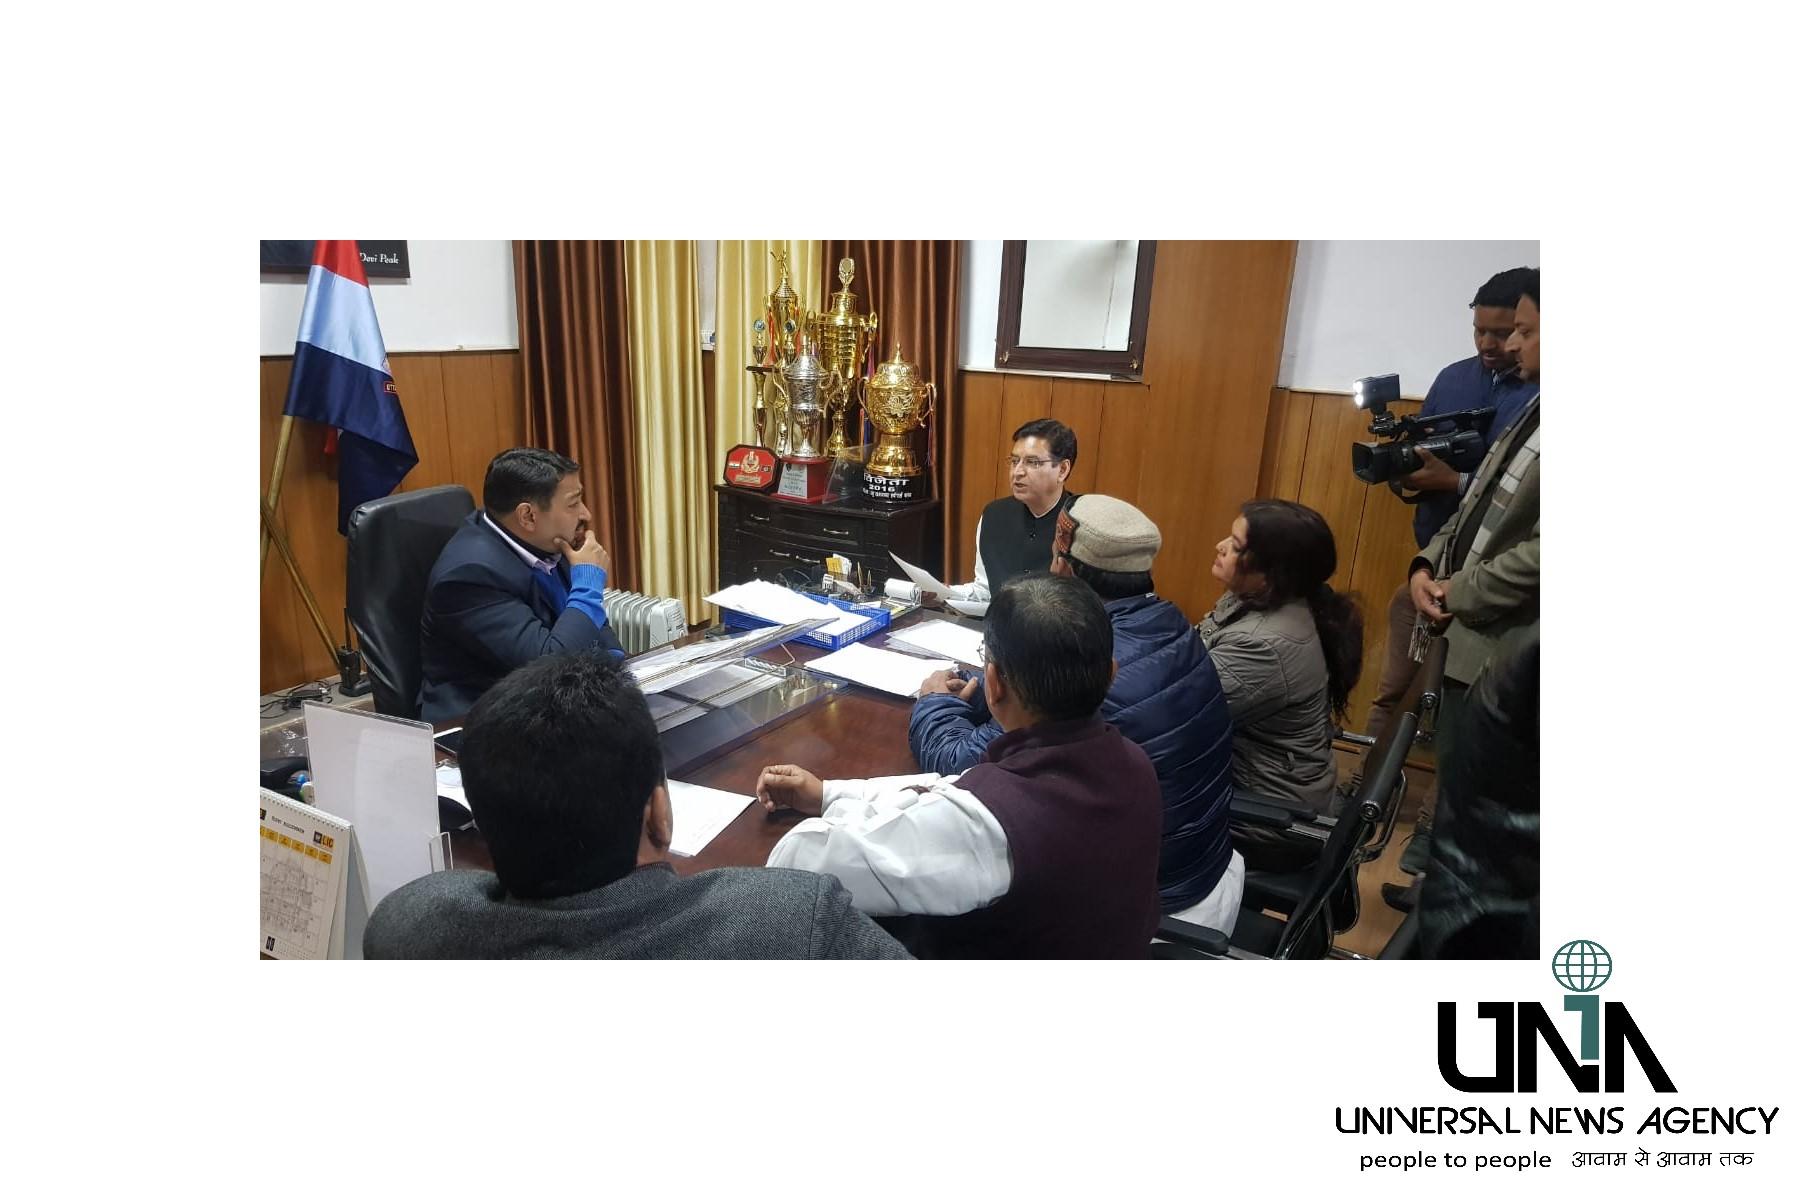 उत्तराखंड की राज्यधानी देहरादून में कांग्रेस कार्यालय पर हुए हमले के विरोध में शिकायत पत्र देते हुए